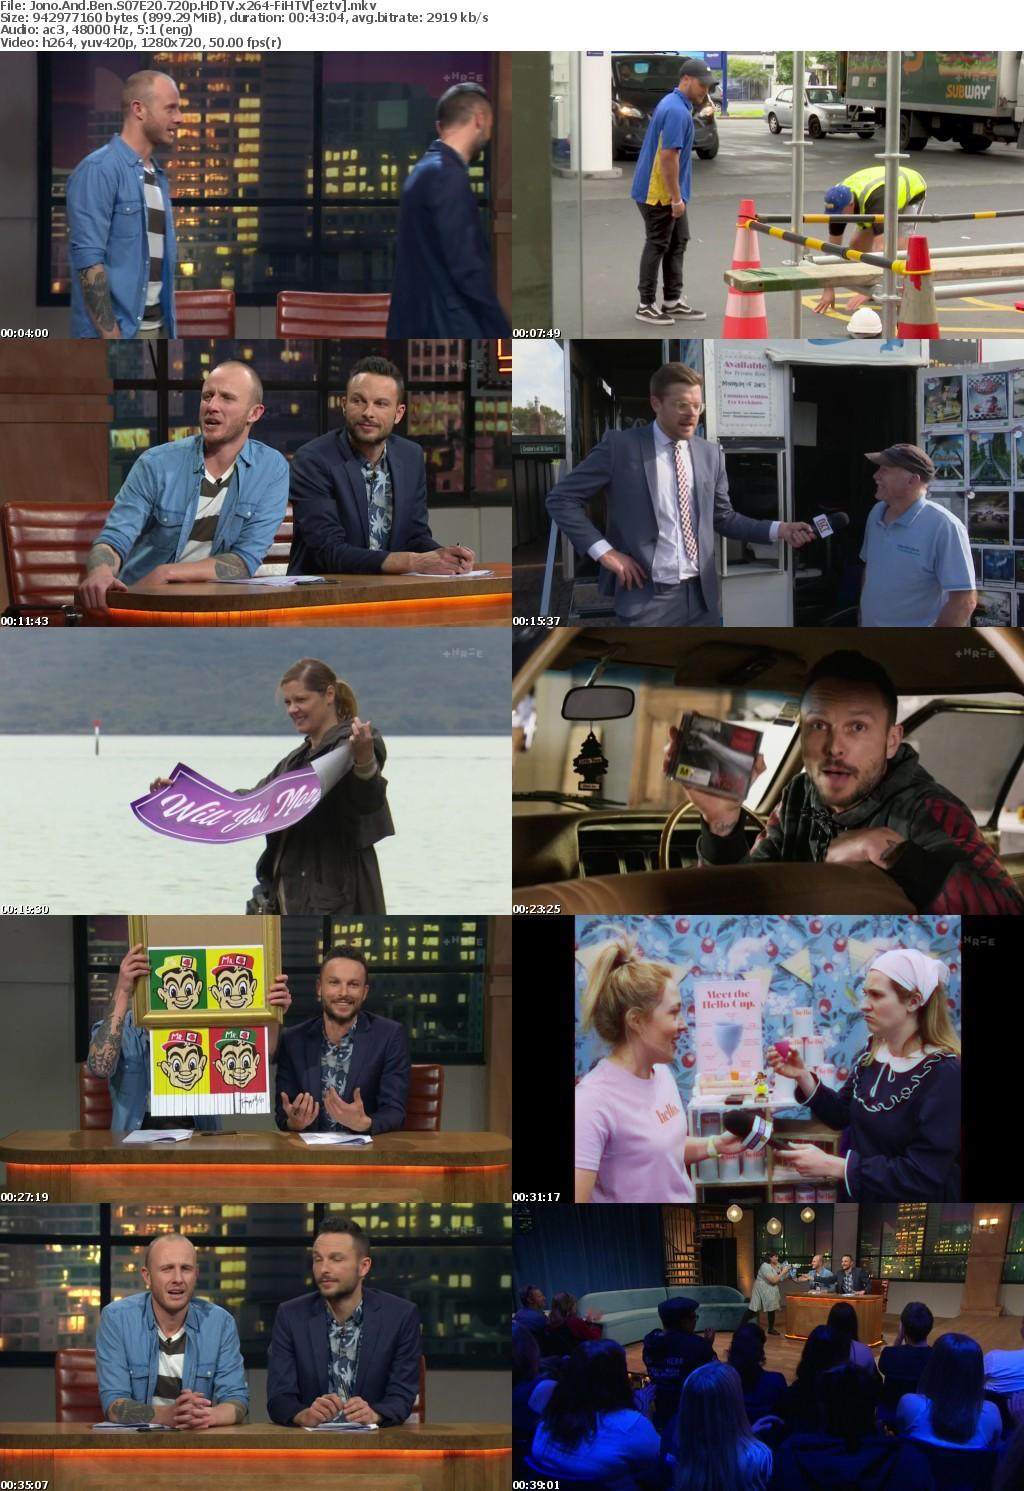 Jono And Ben S07E20 720p HDTV x264-FiHTV